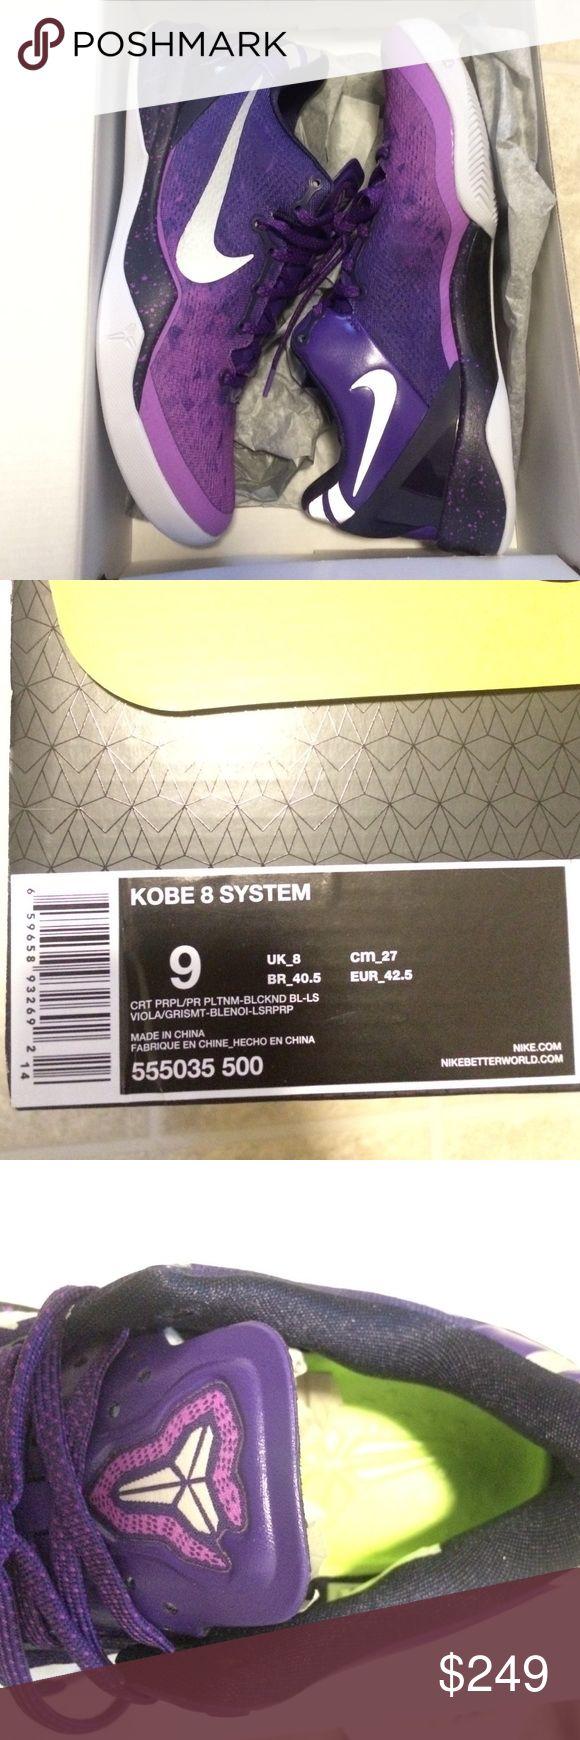 Cheap Sale Nike Zoom Black Mamba 24 Kobe Cheap sale White Purple